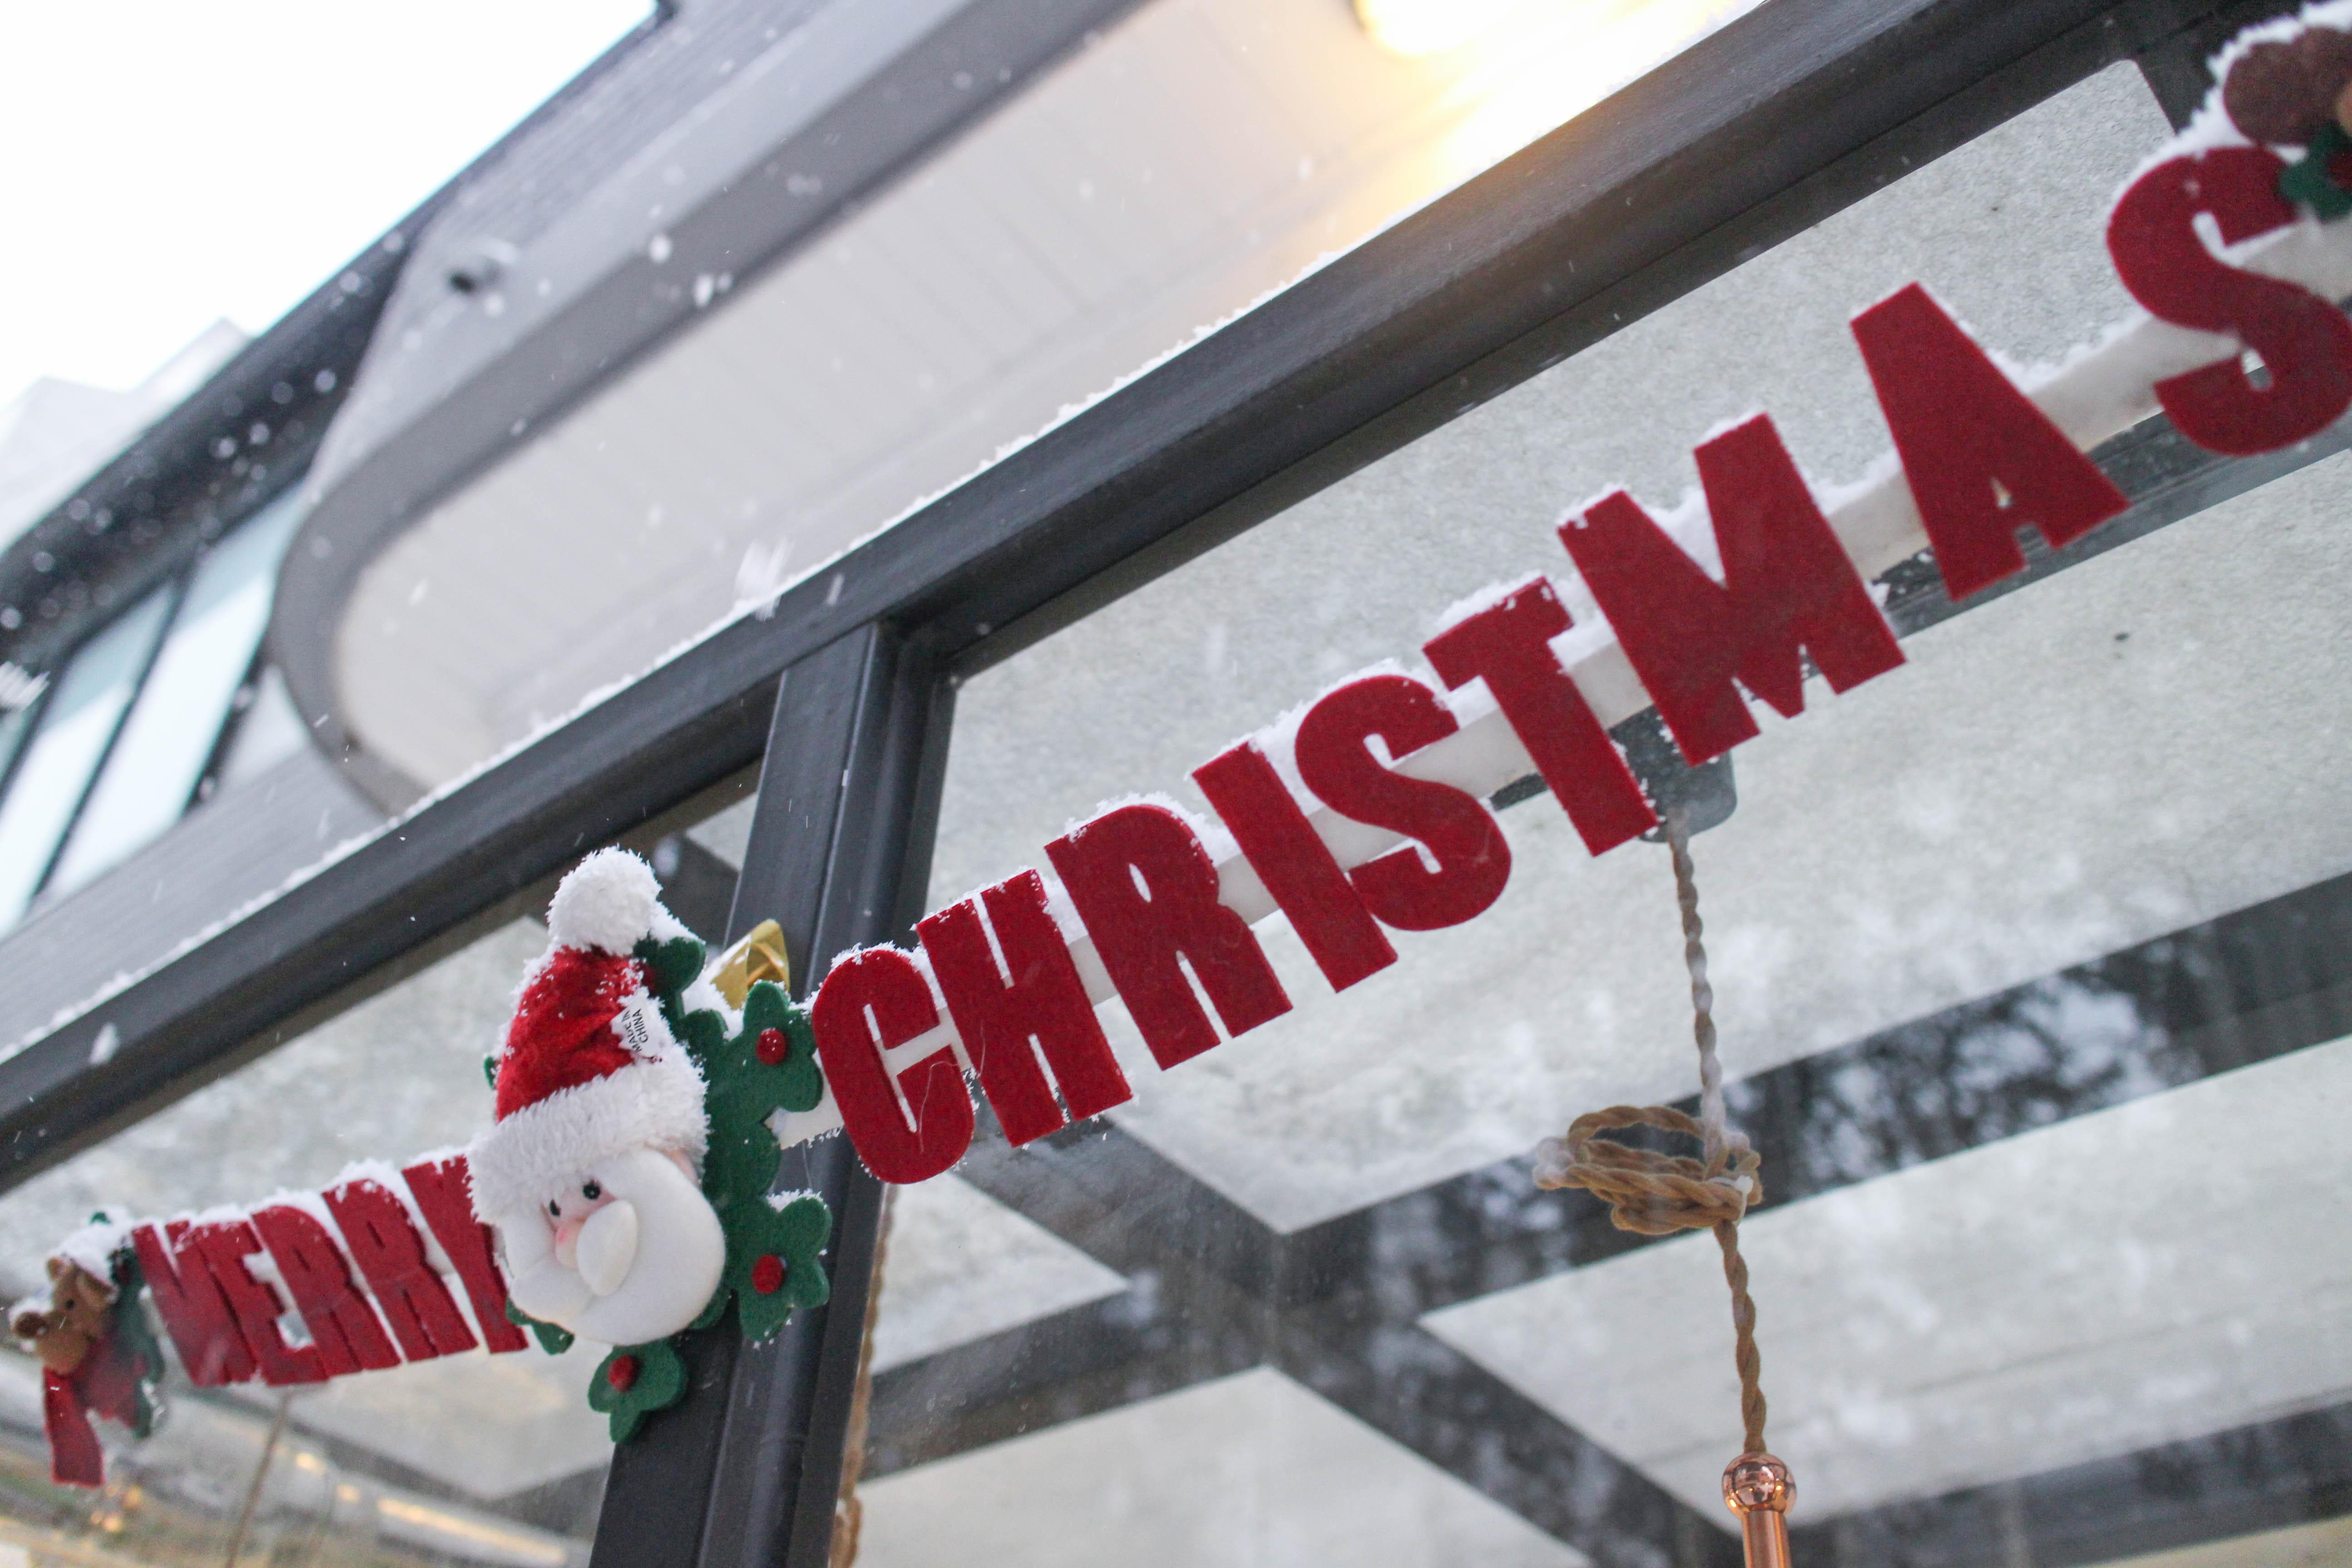 冬遊韓國:: 首爾聖誕節的百種姿態。聽說今年雪來得早 (零下保暖穿搭、首爾下雪怎麼穿)